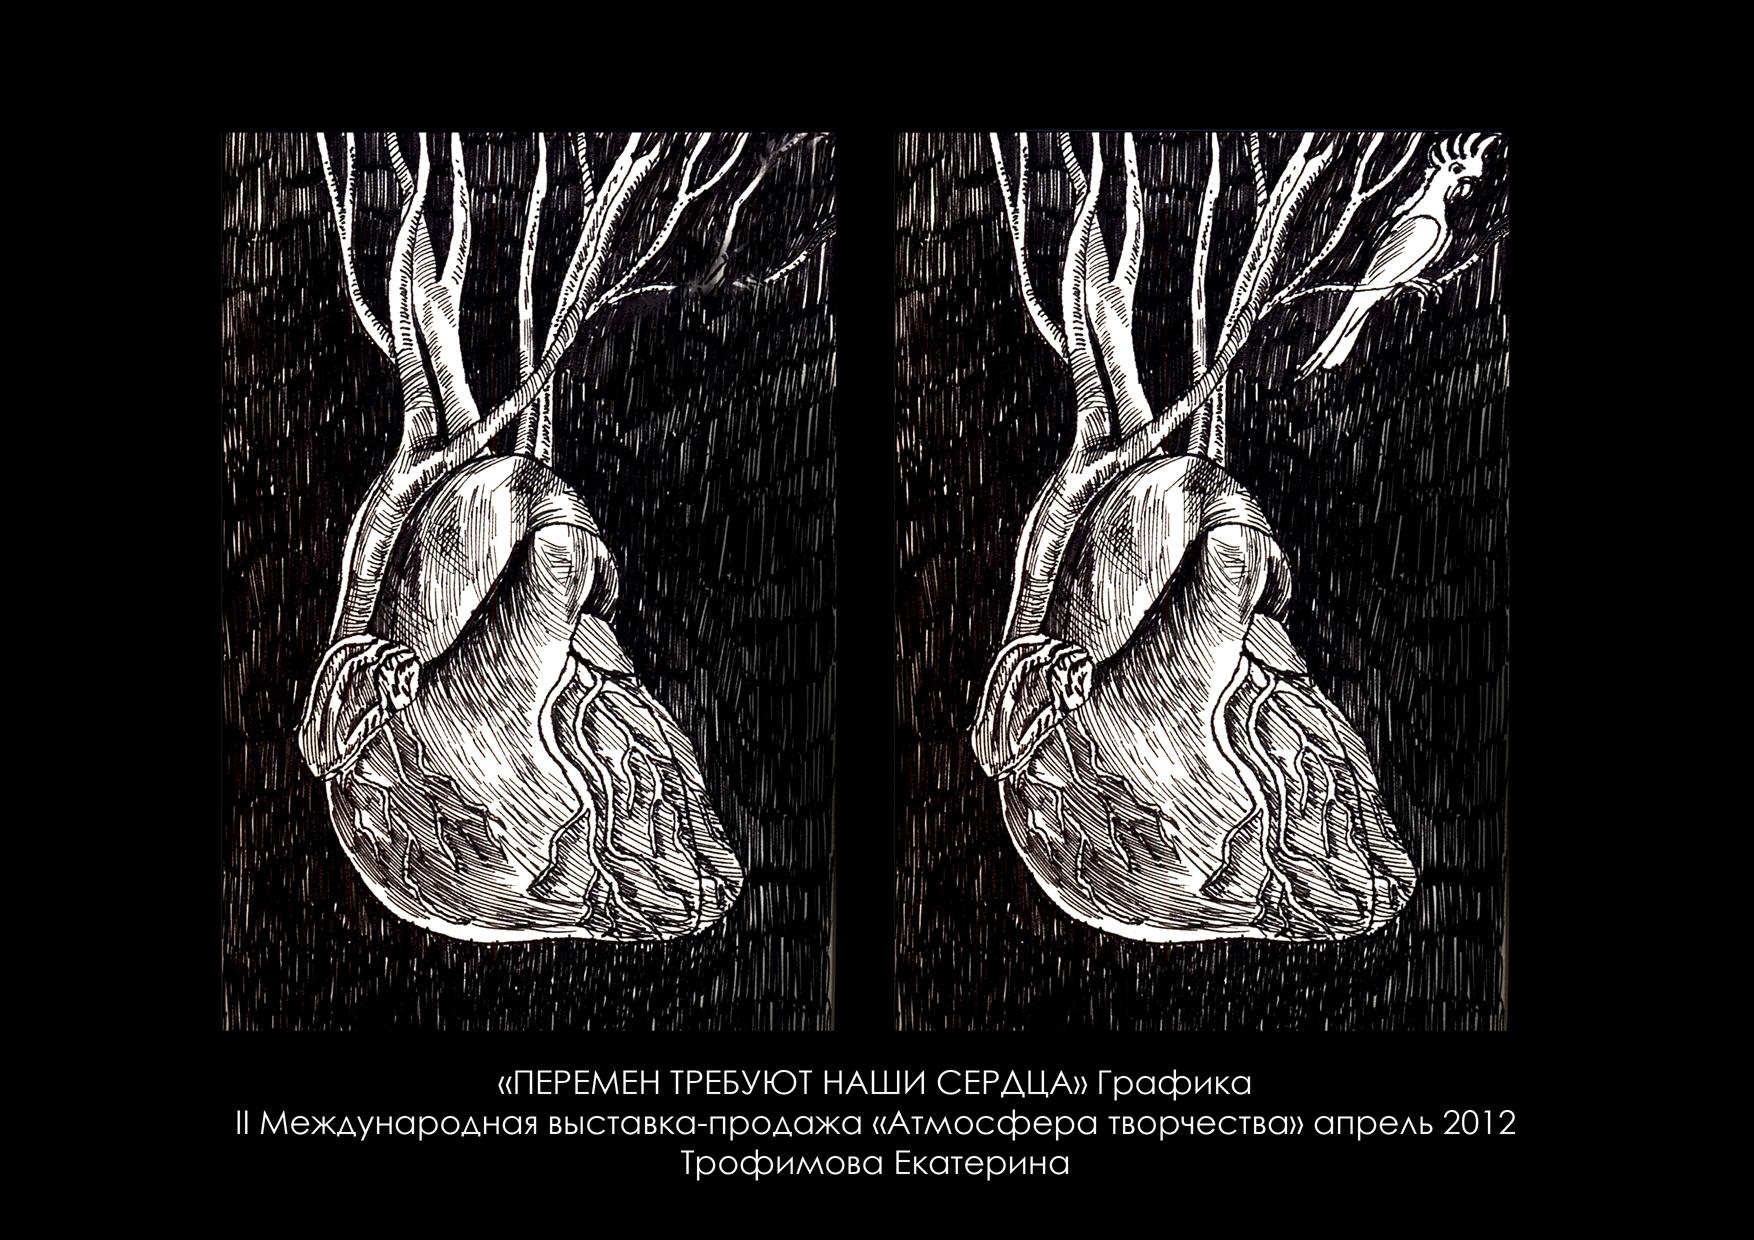 сердца.jpg